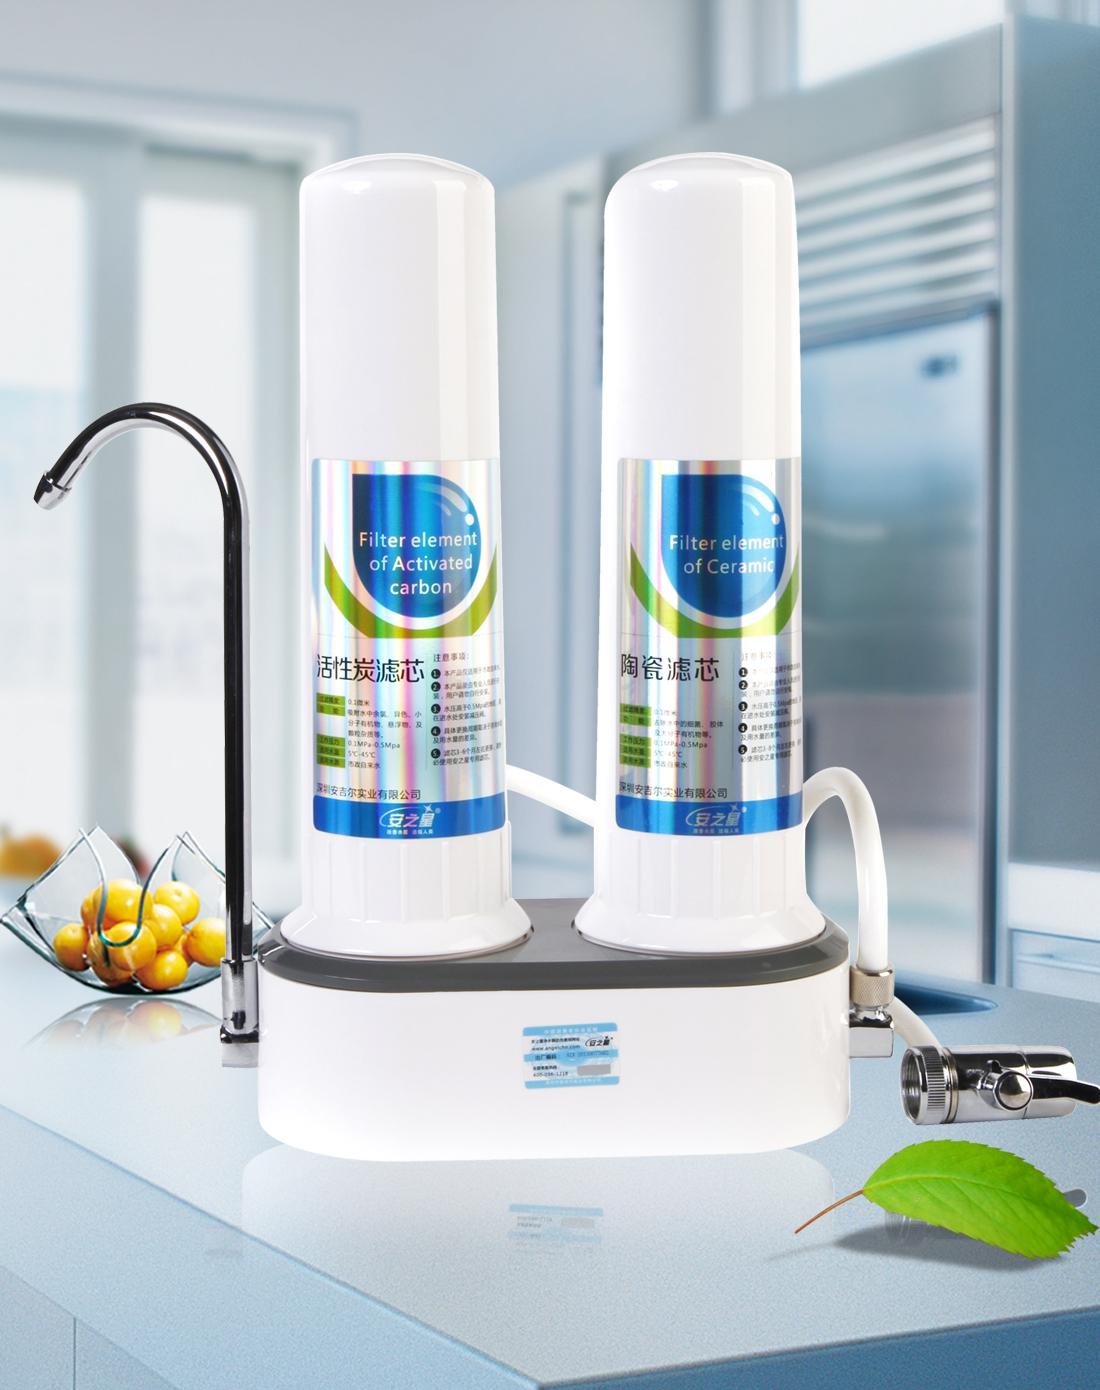 > 家用厨房自来水过滤净水器